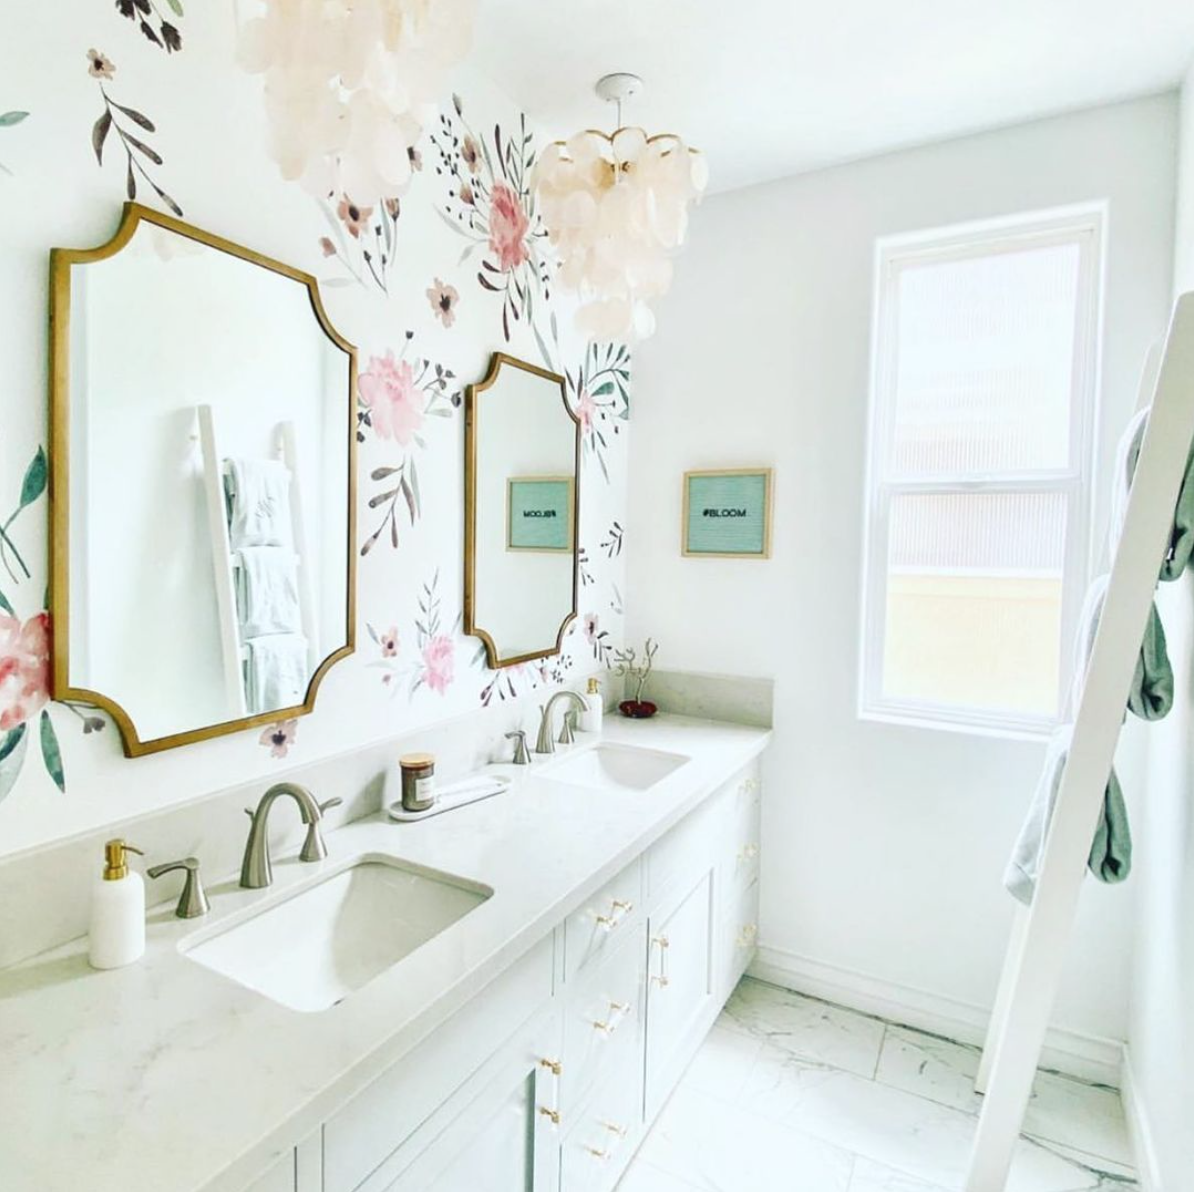 Pink Watercolor Flower Decals in Kids Bathroom by @styledbyneet